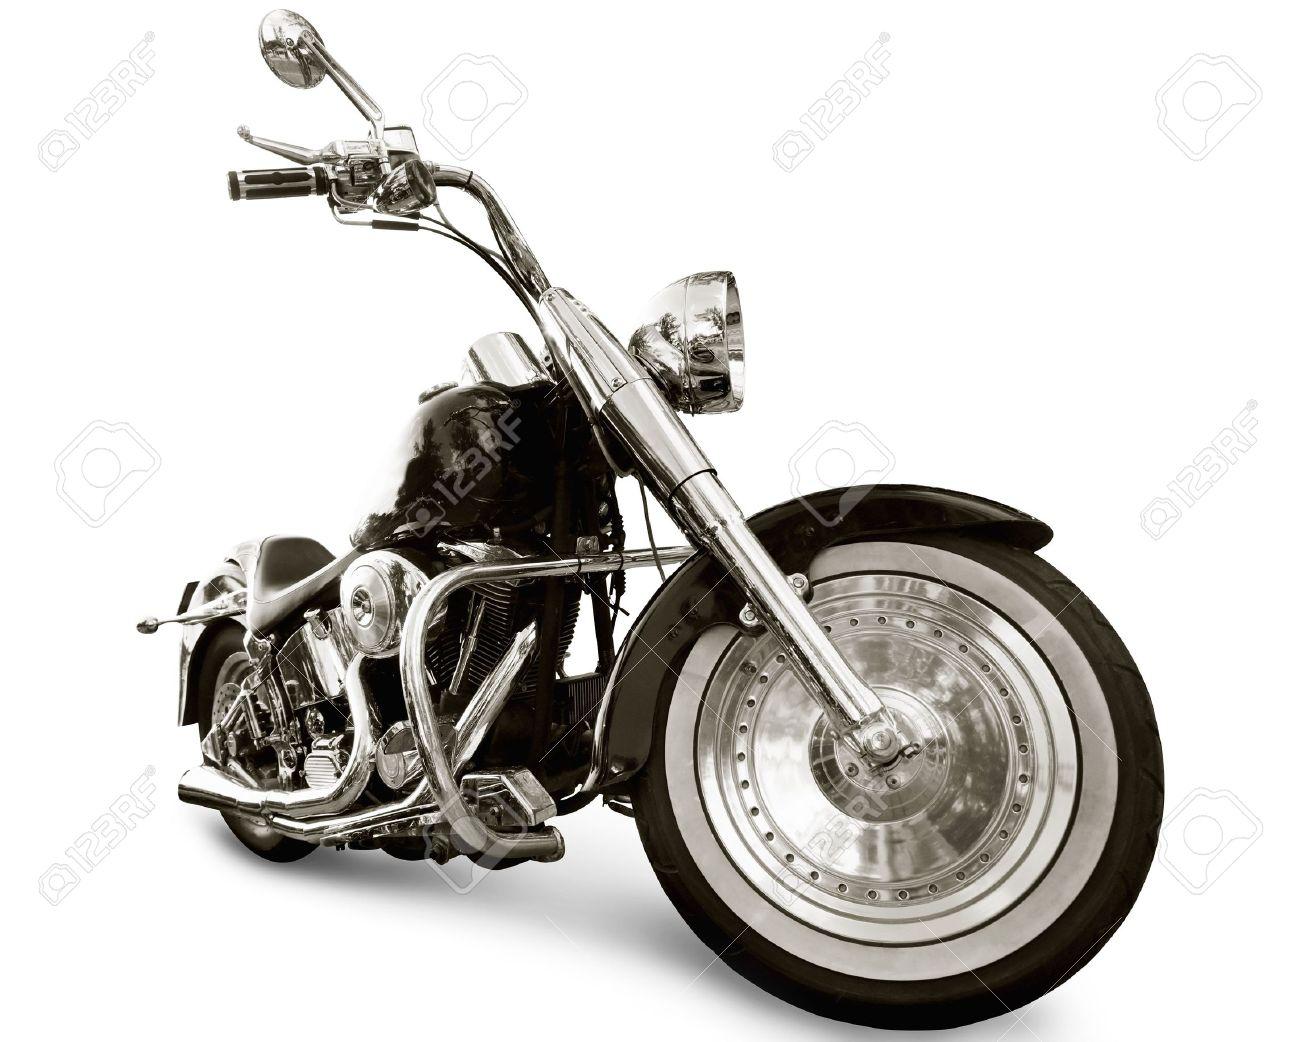 Motorcycle isolated on white background Stock Photo - 6671936